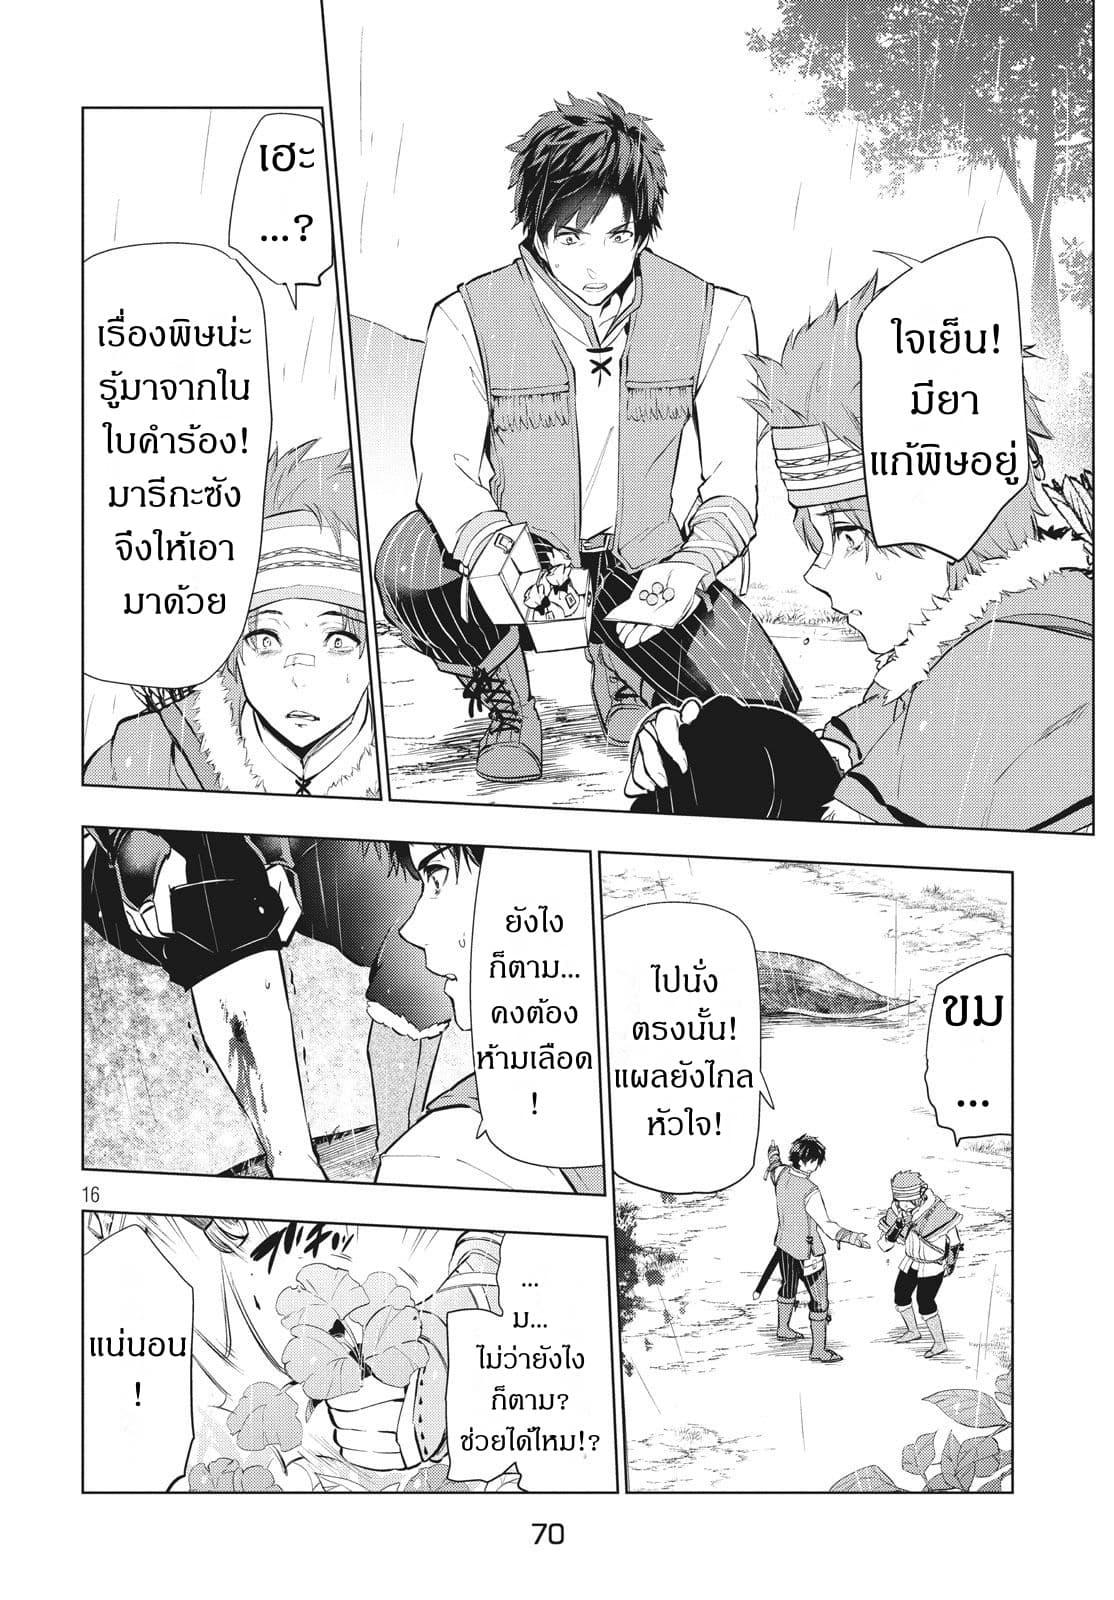 Kaiko sareta Ankoku Heishi (30-dai) no Slow na Second Life)-ตอนที่ 4.2